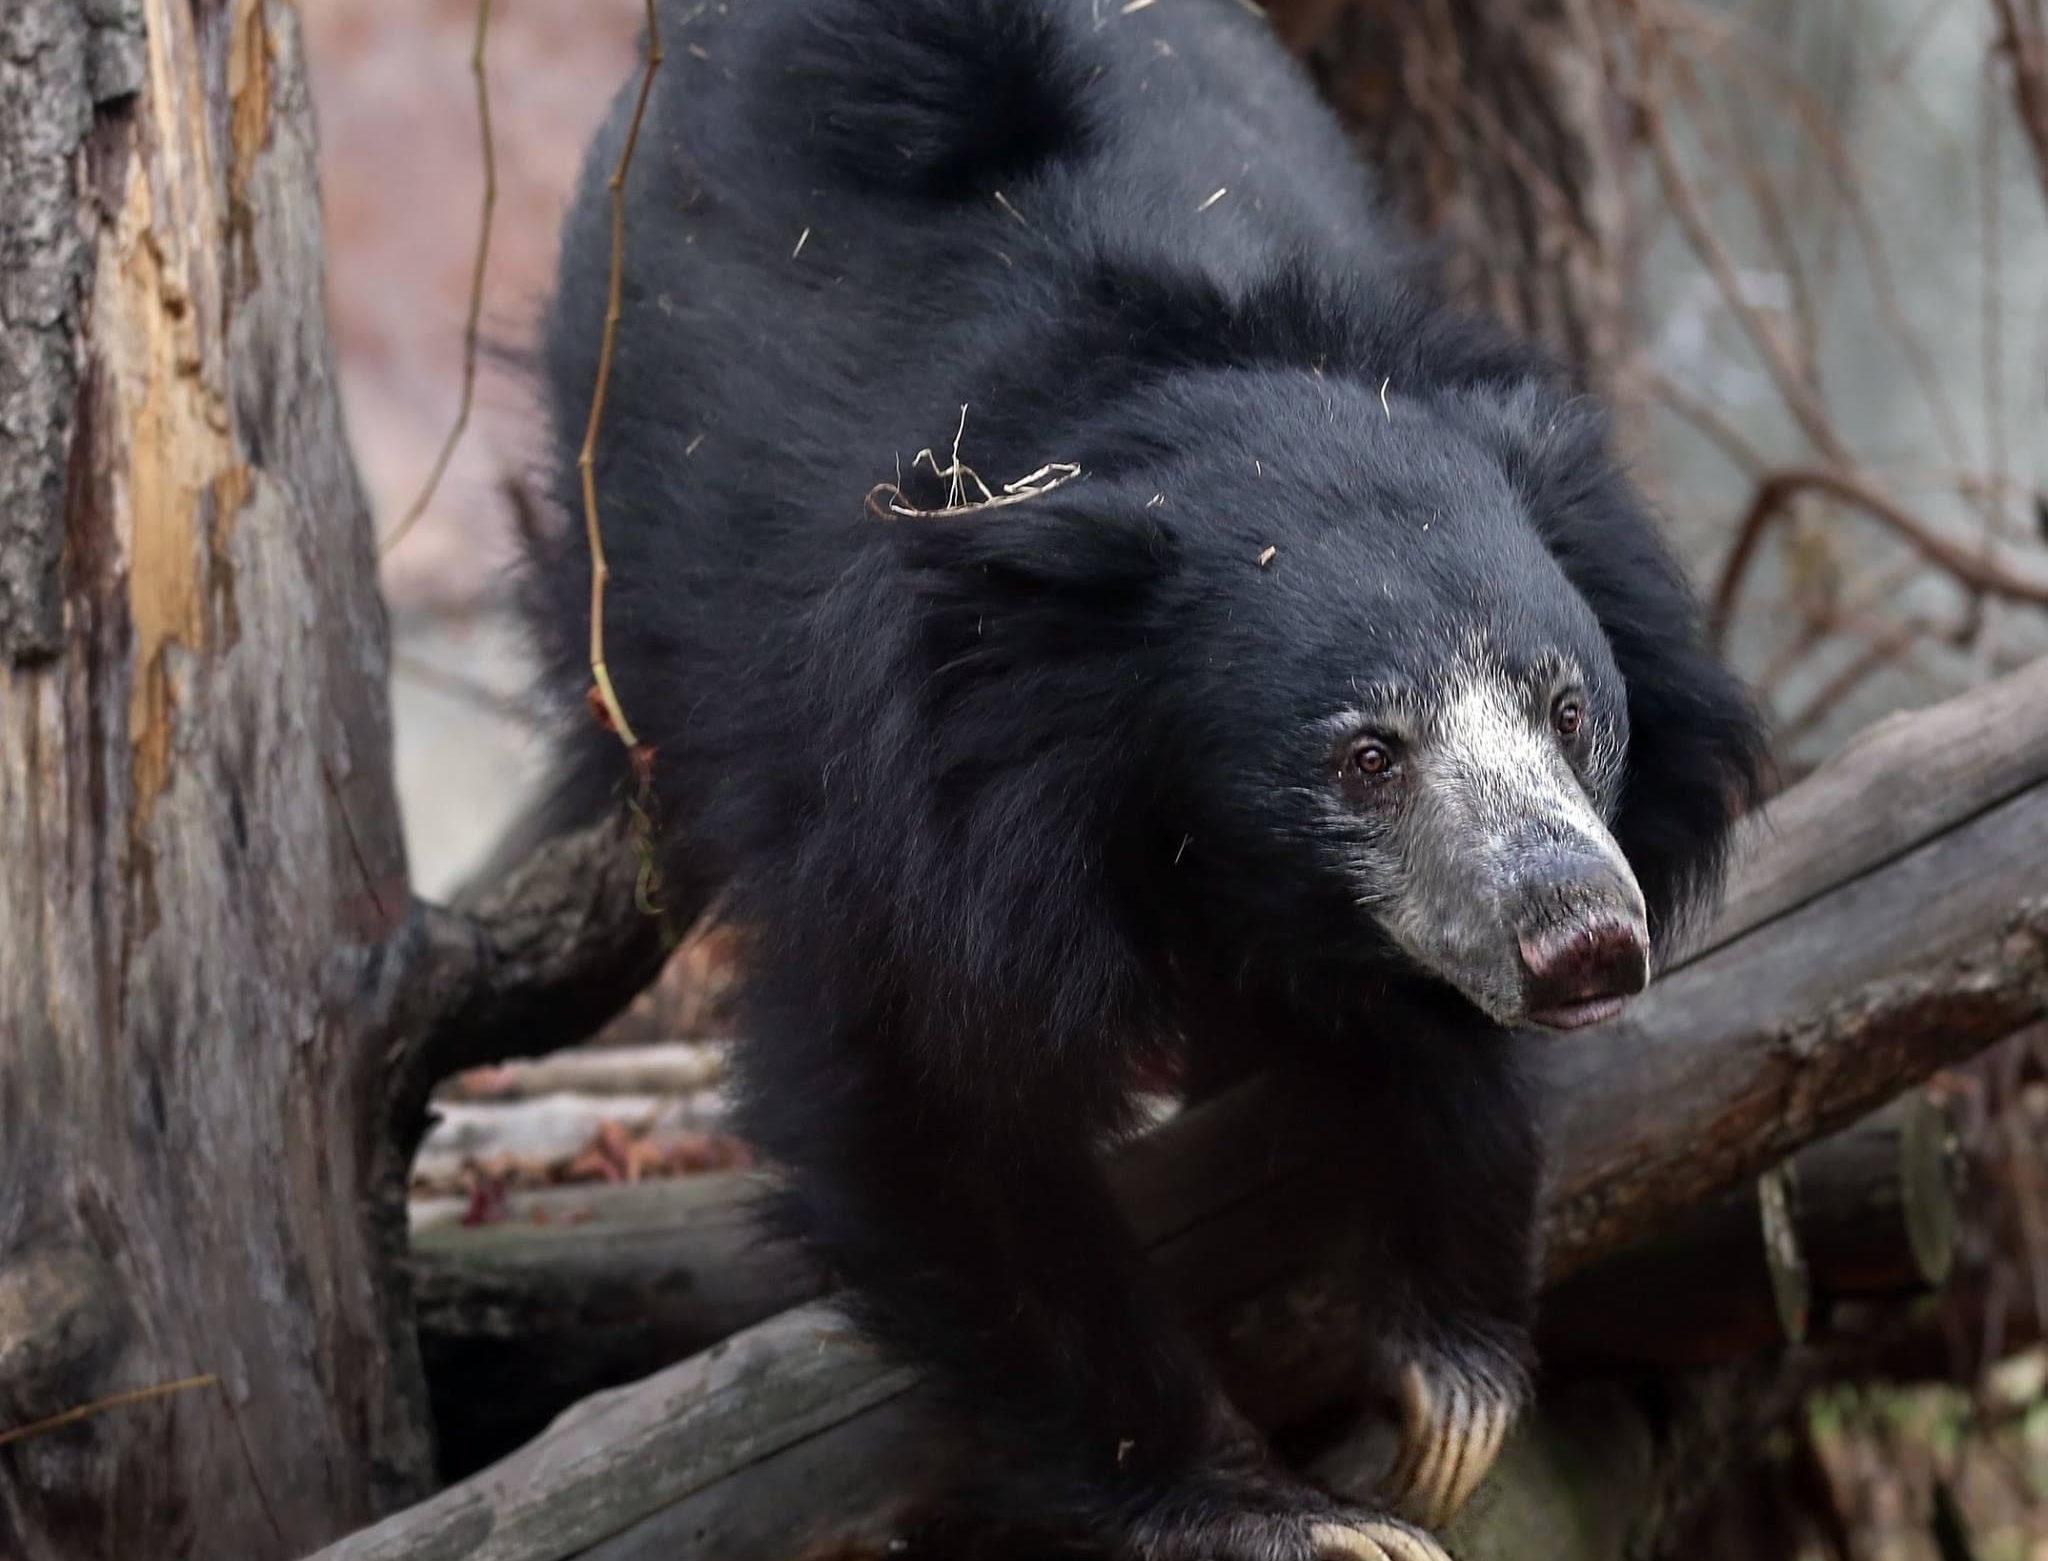 FOREO стал опекуном медведя-губача в Московском зоопарке